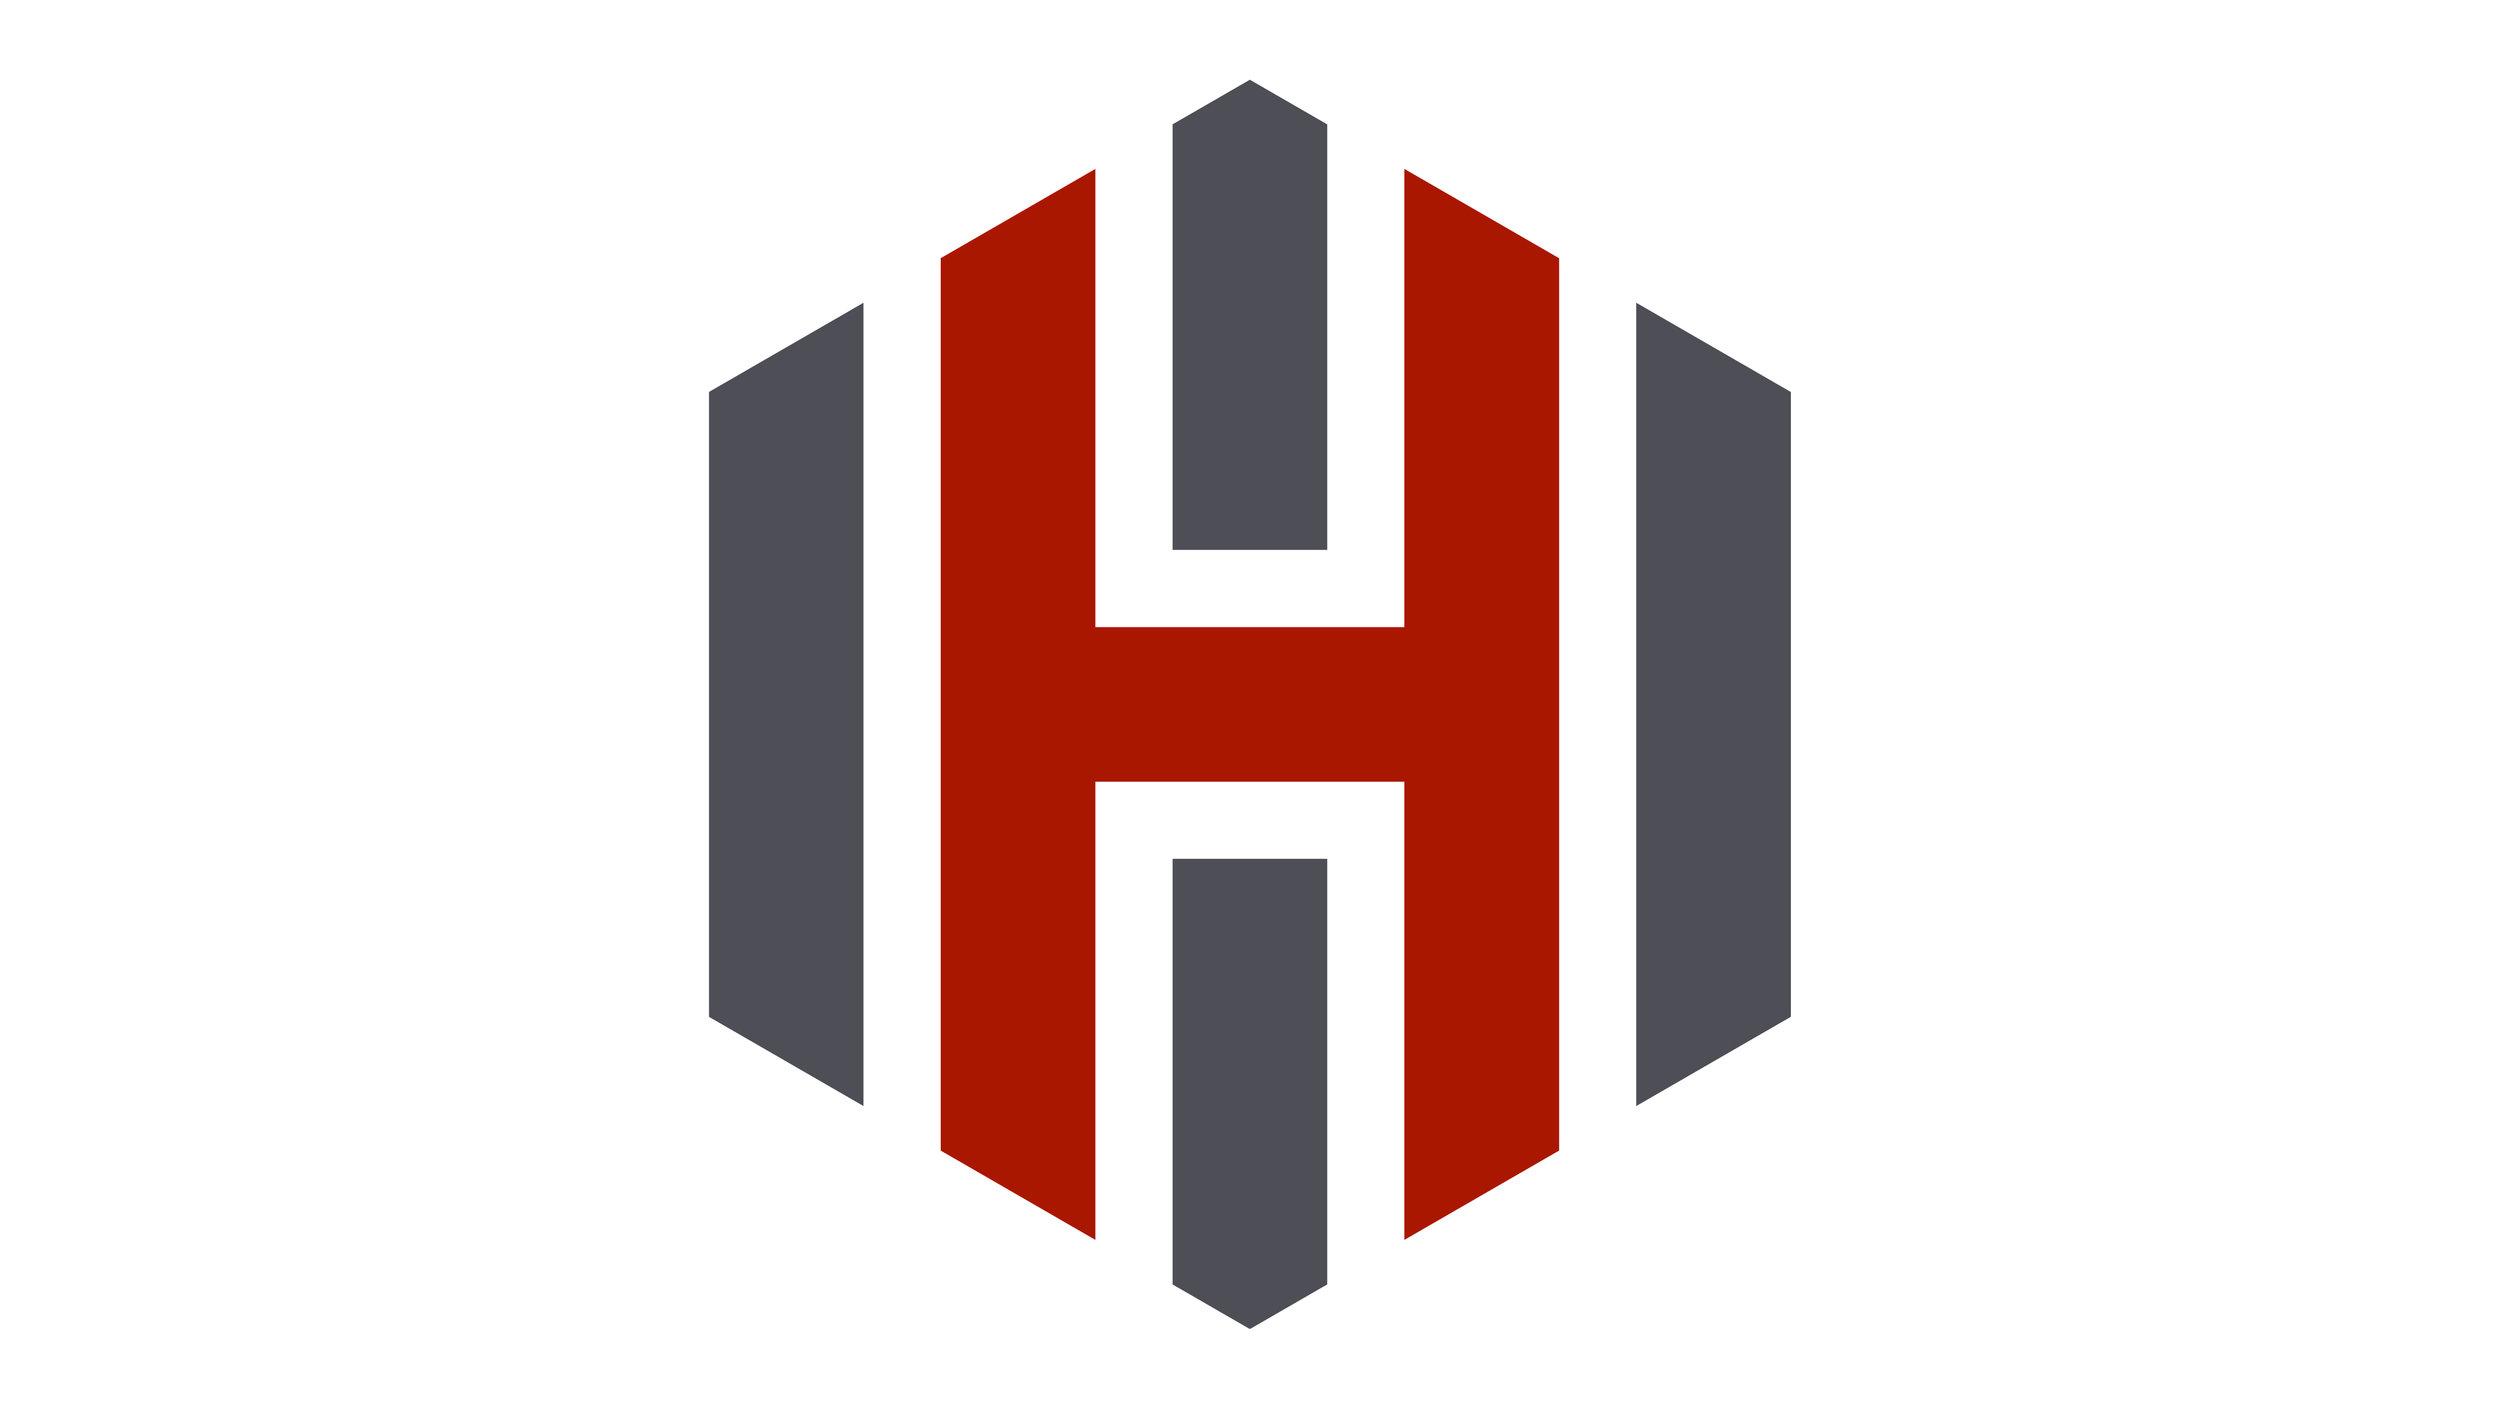 hendrix-keg-2.jpg